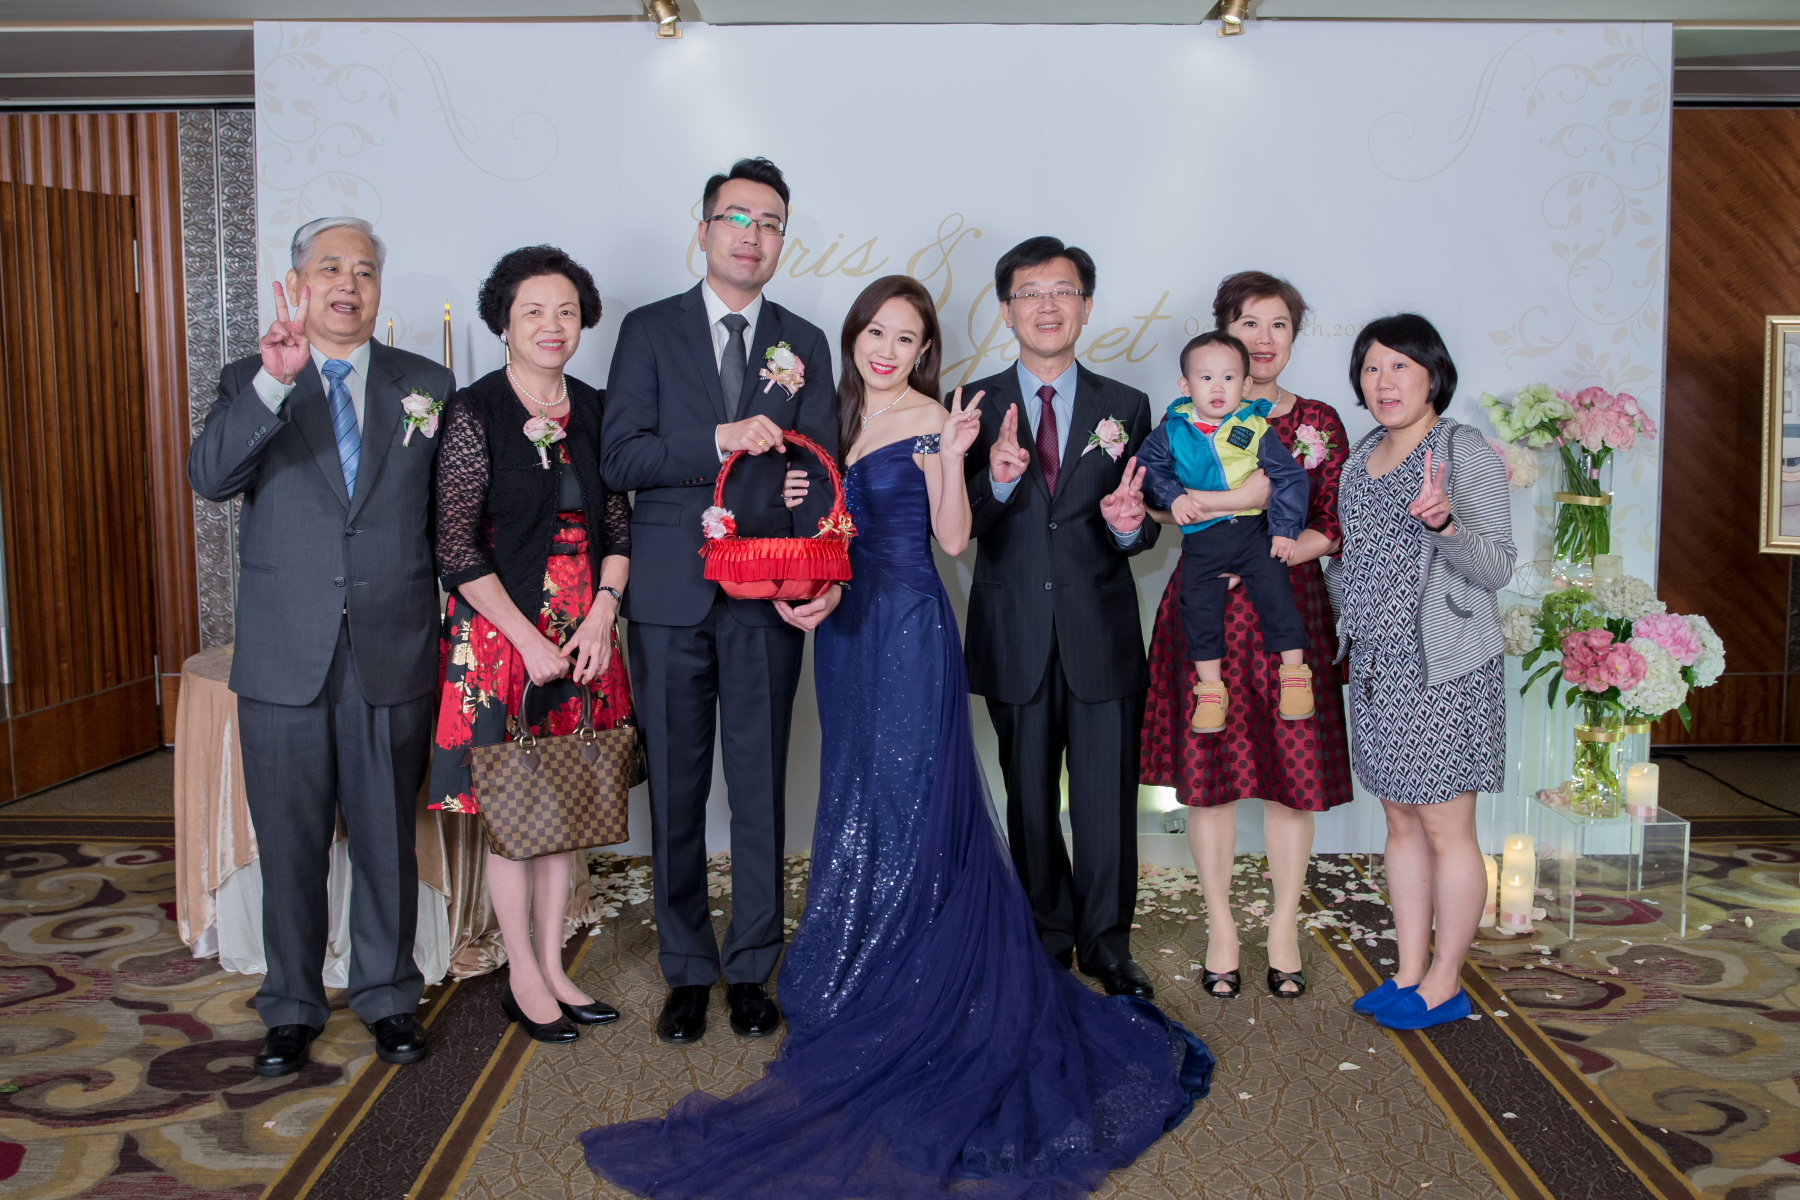 鴻璿鈺婷婚禮881